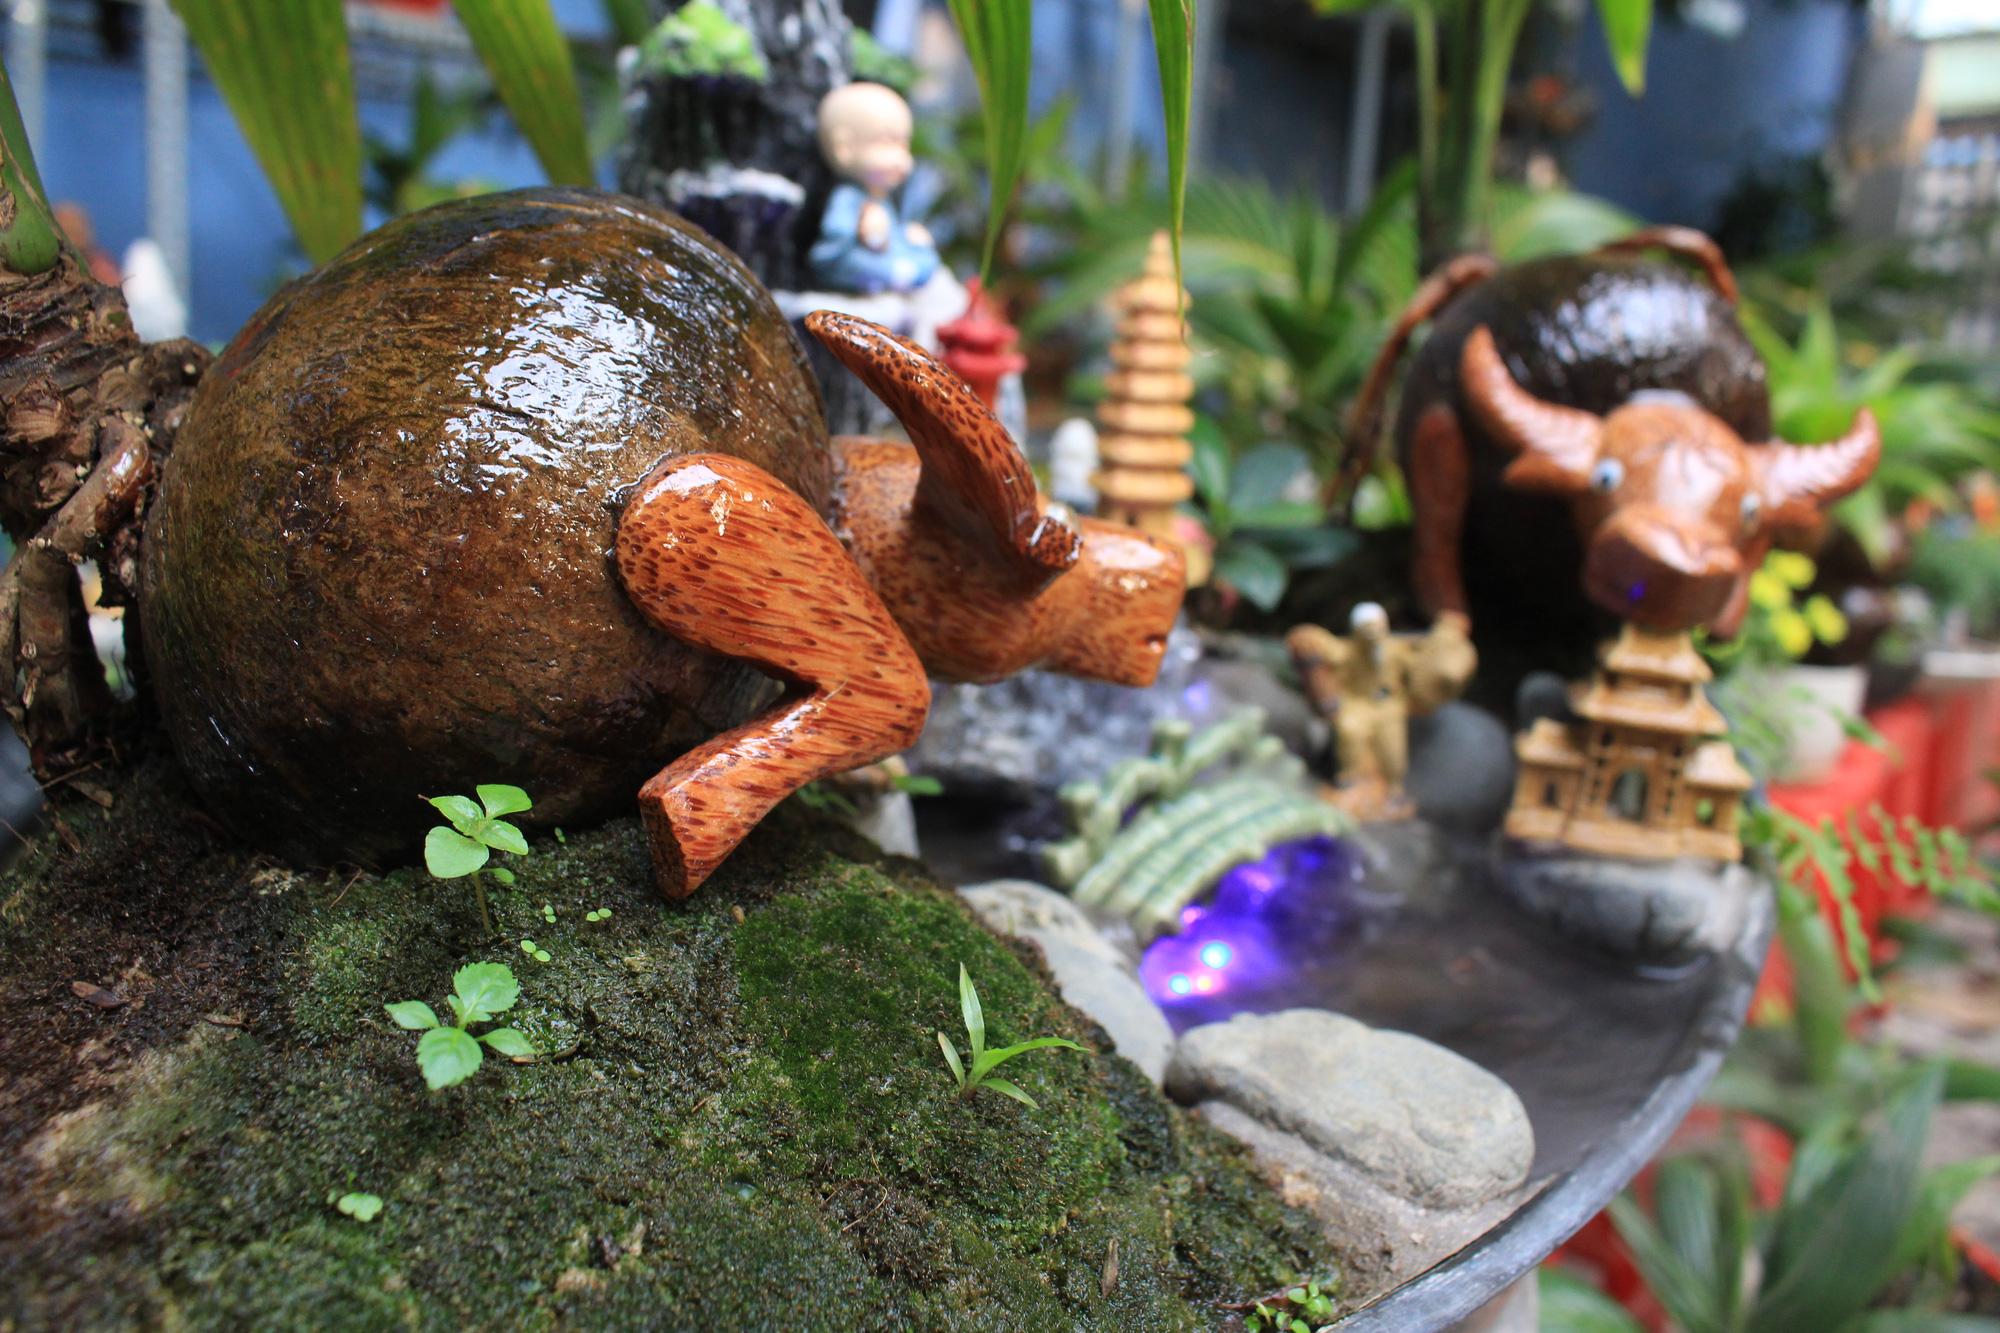 Độc đáo dừa khô bonsai hình trâu chơi Tết tiền triệu ở Sài Gòn - Ảnh 11.